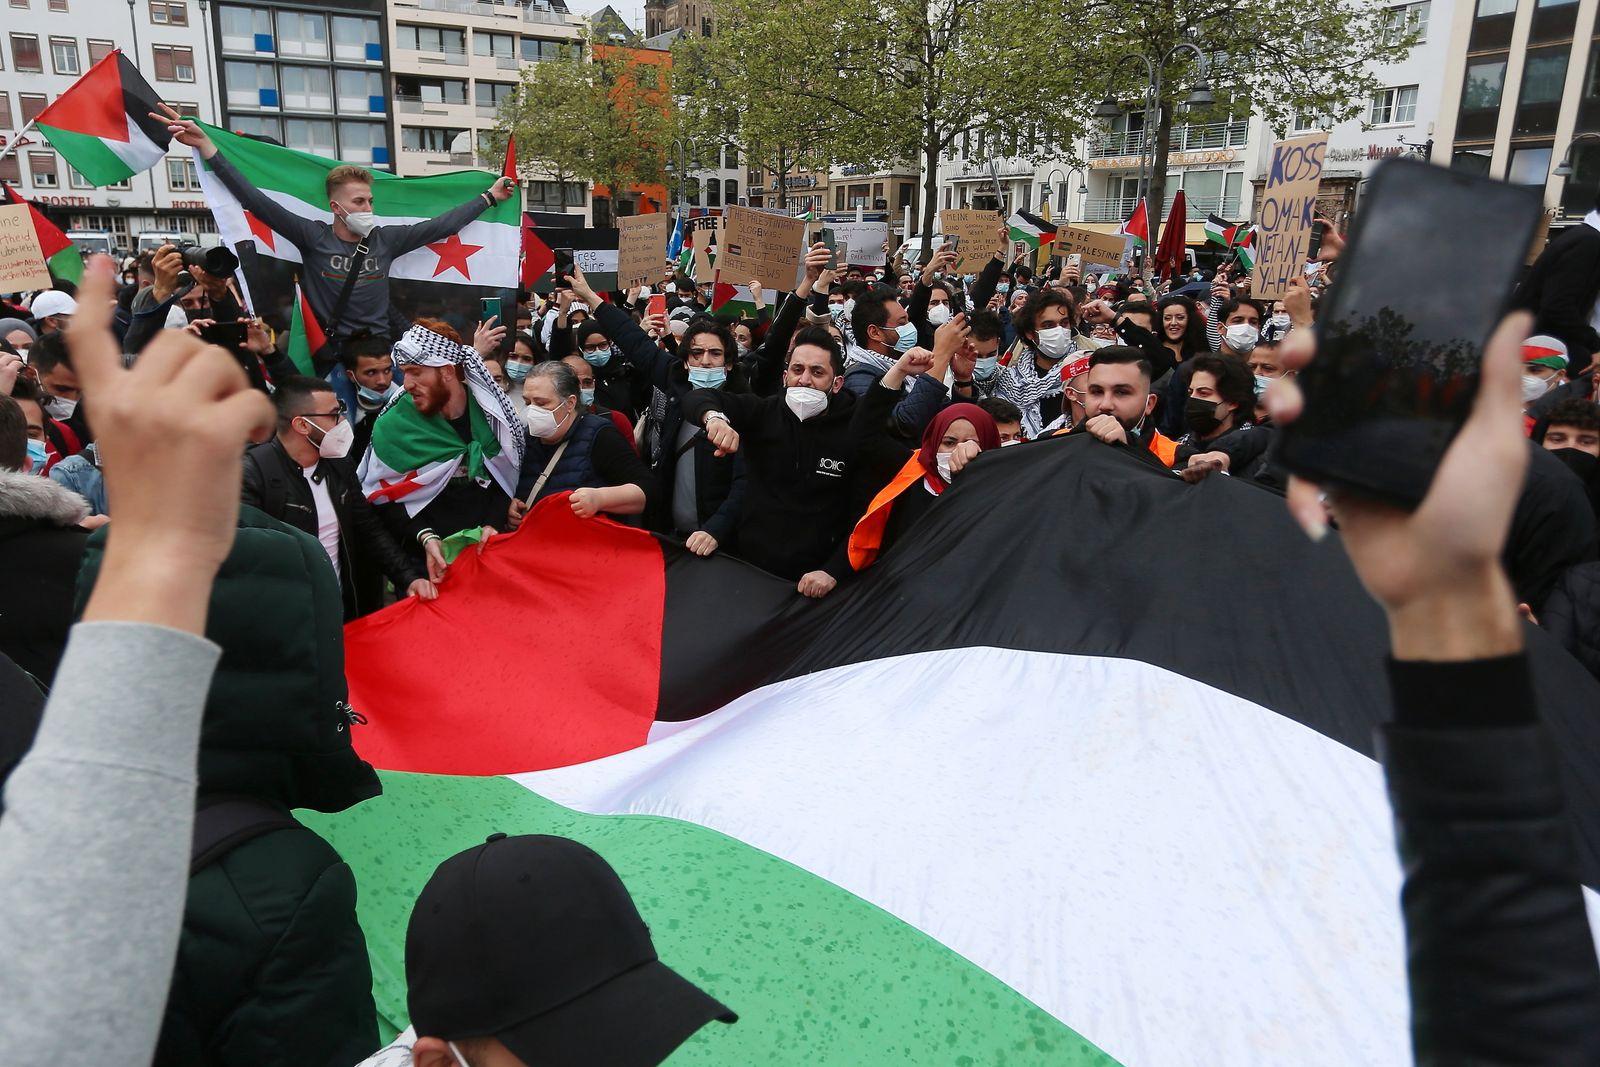 Nahost-Konflikt - Demonstrationen in Köln